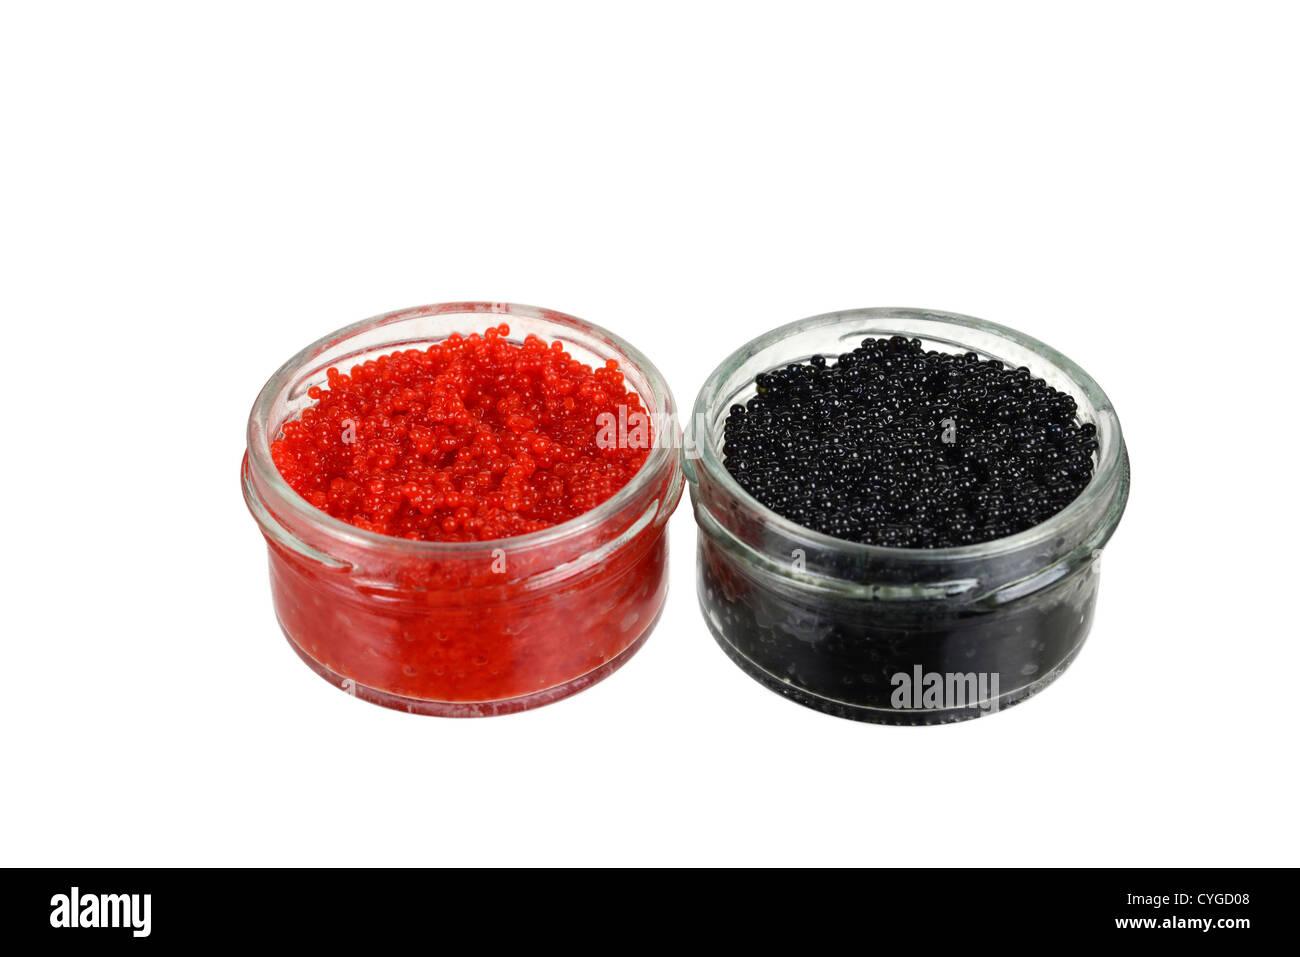 Caviar - Stock Image